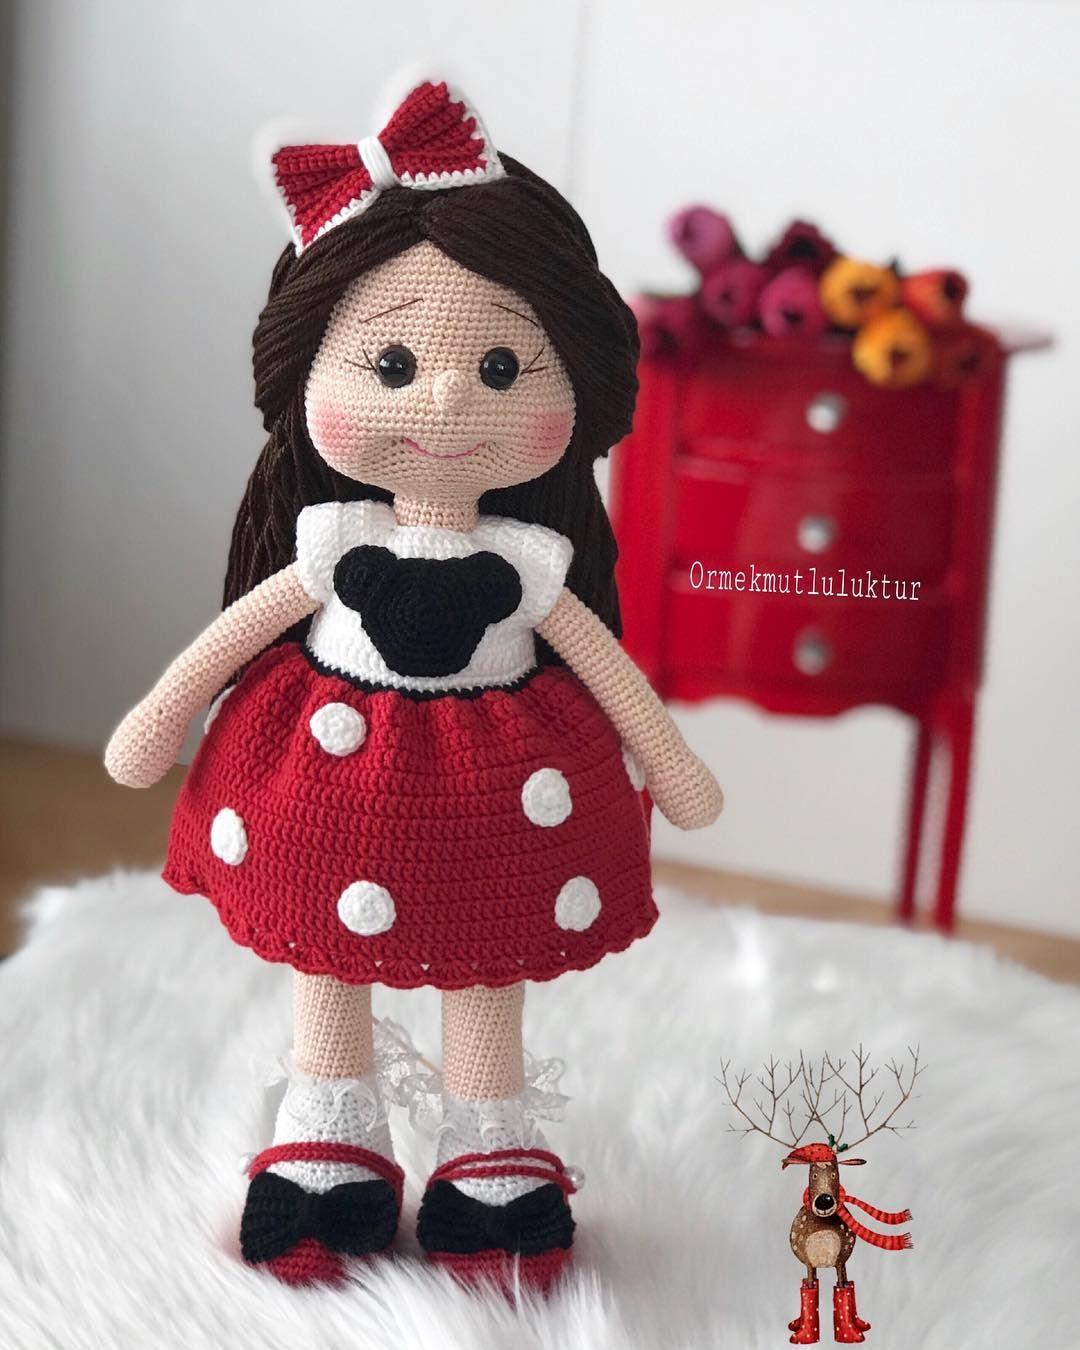 Karpuz Güzeli Bebek Amigurumi Organik Oyuncak - n11.com | 1350x1080